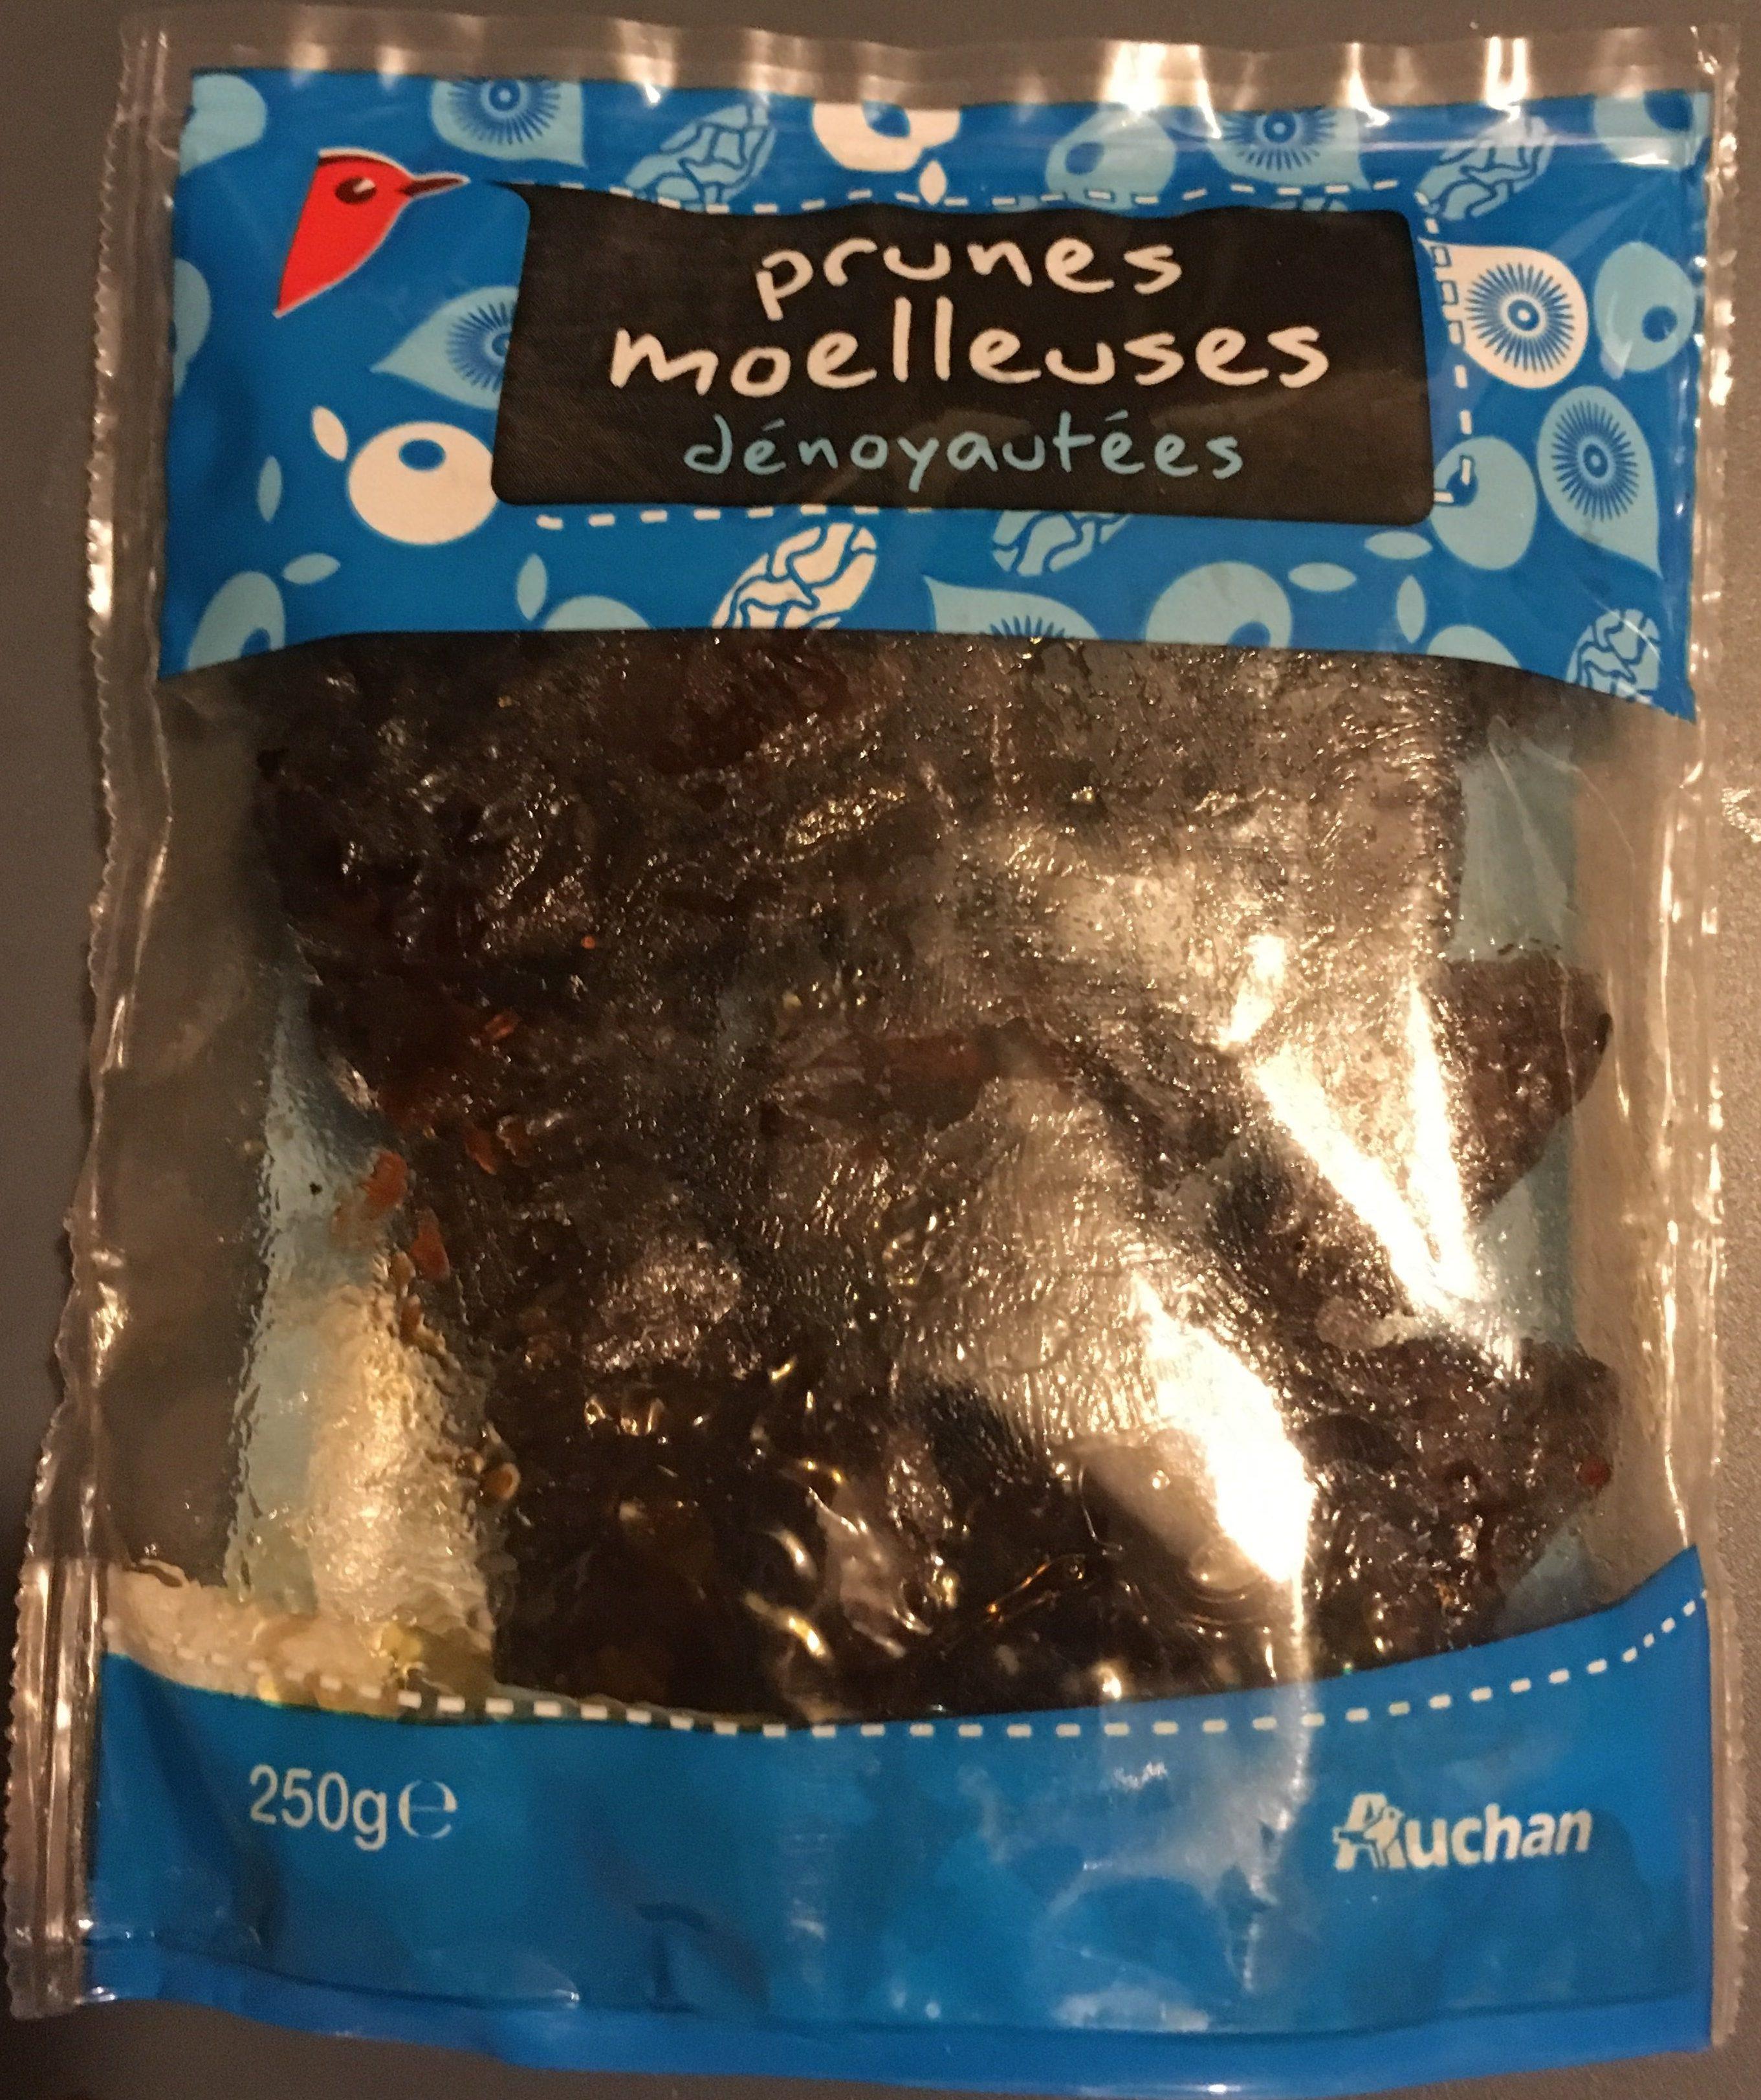 Prunes moelleuses dénoyautées - Produit - fr